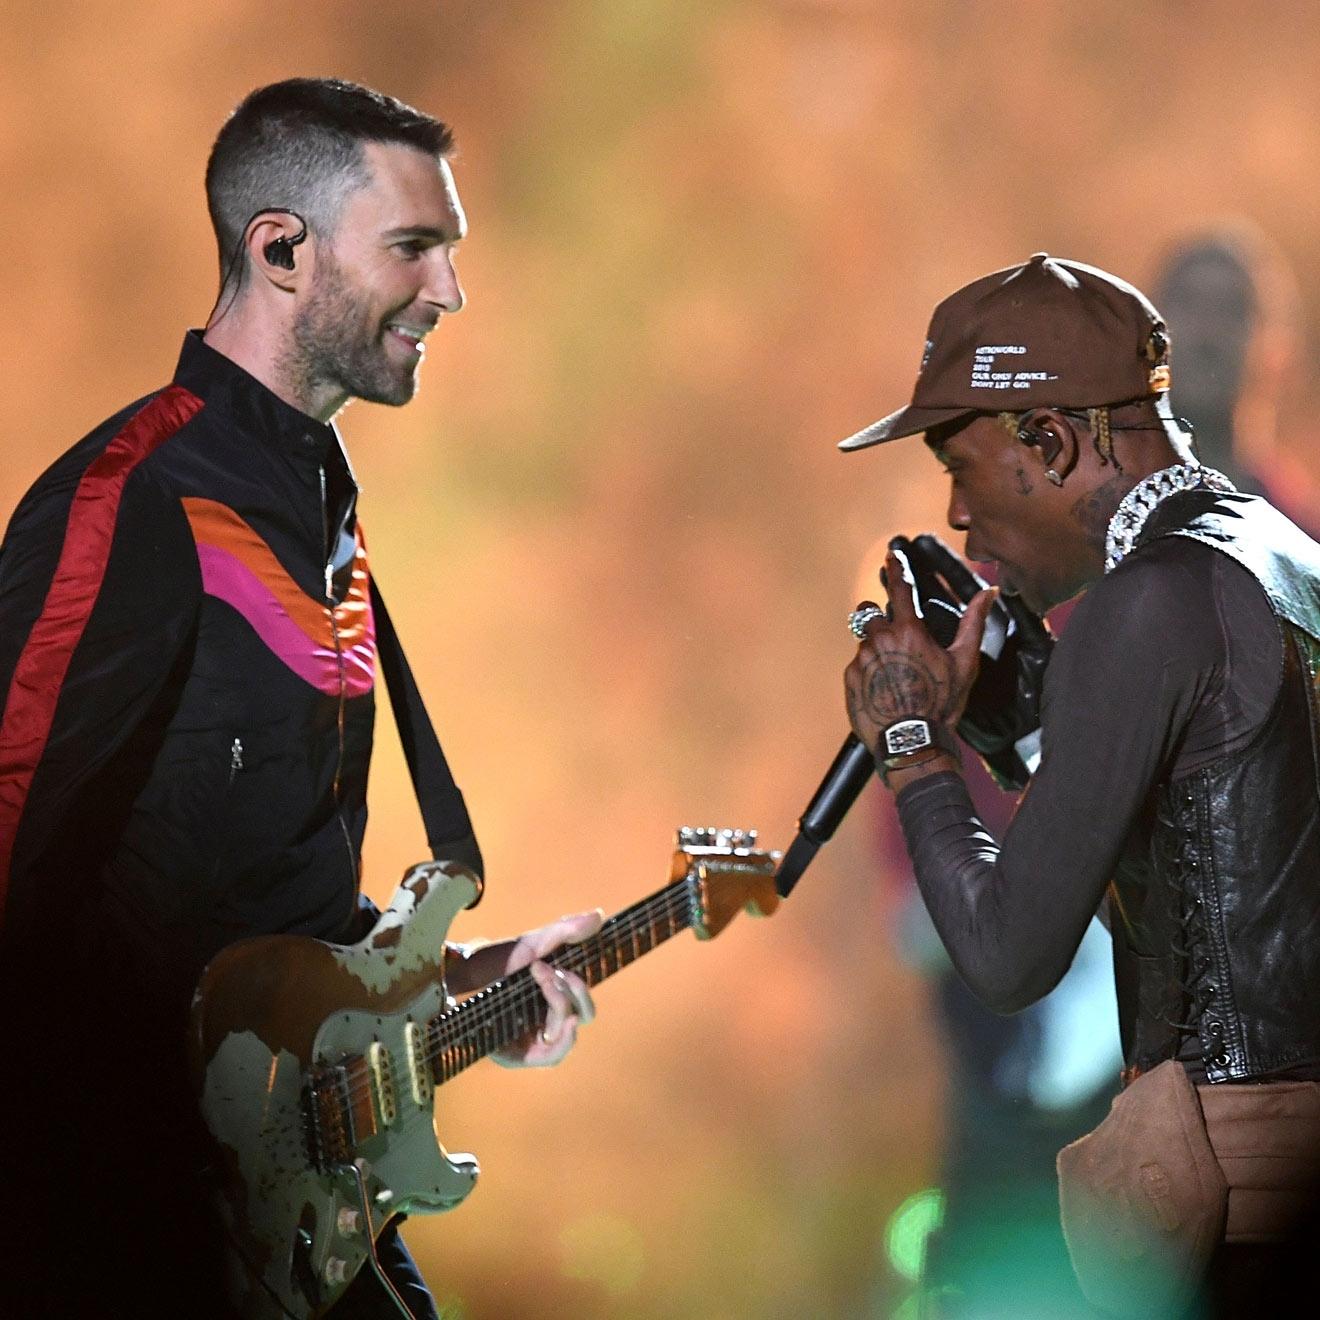 Super Bowl 2019: So Macht Sich Das Netz Über Maroon 5 Und pertaining to Maroon 5 Travis Scott